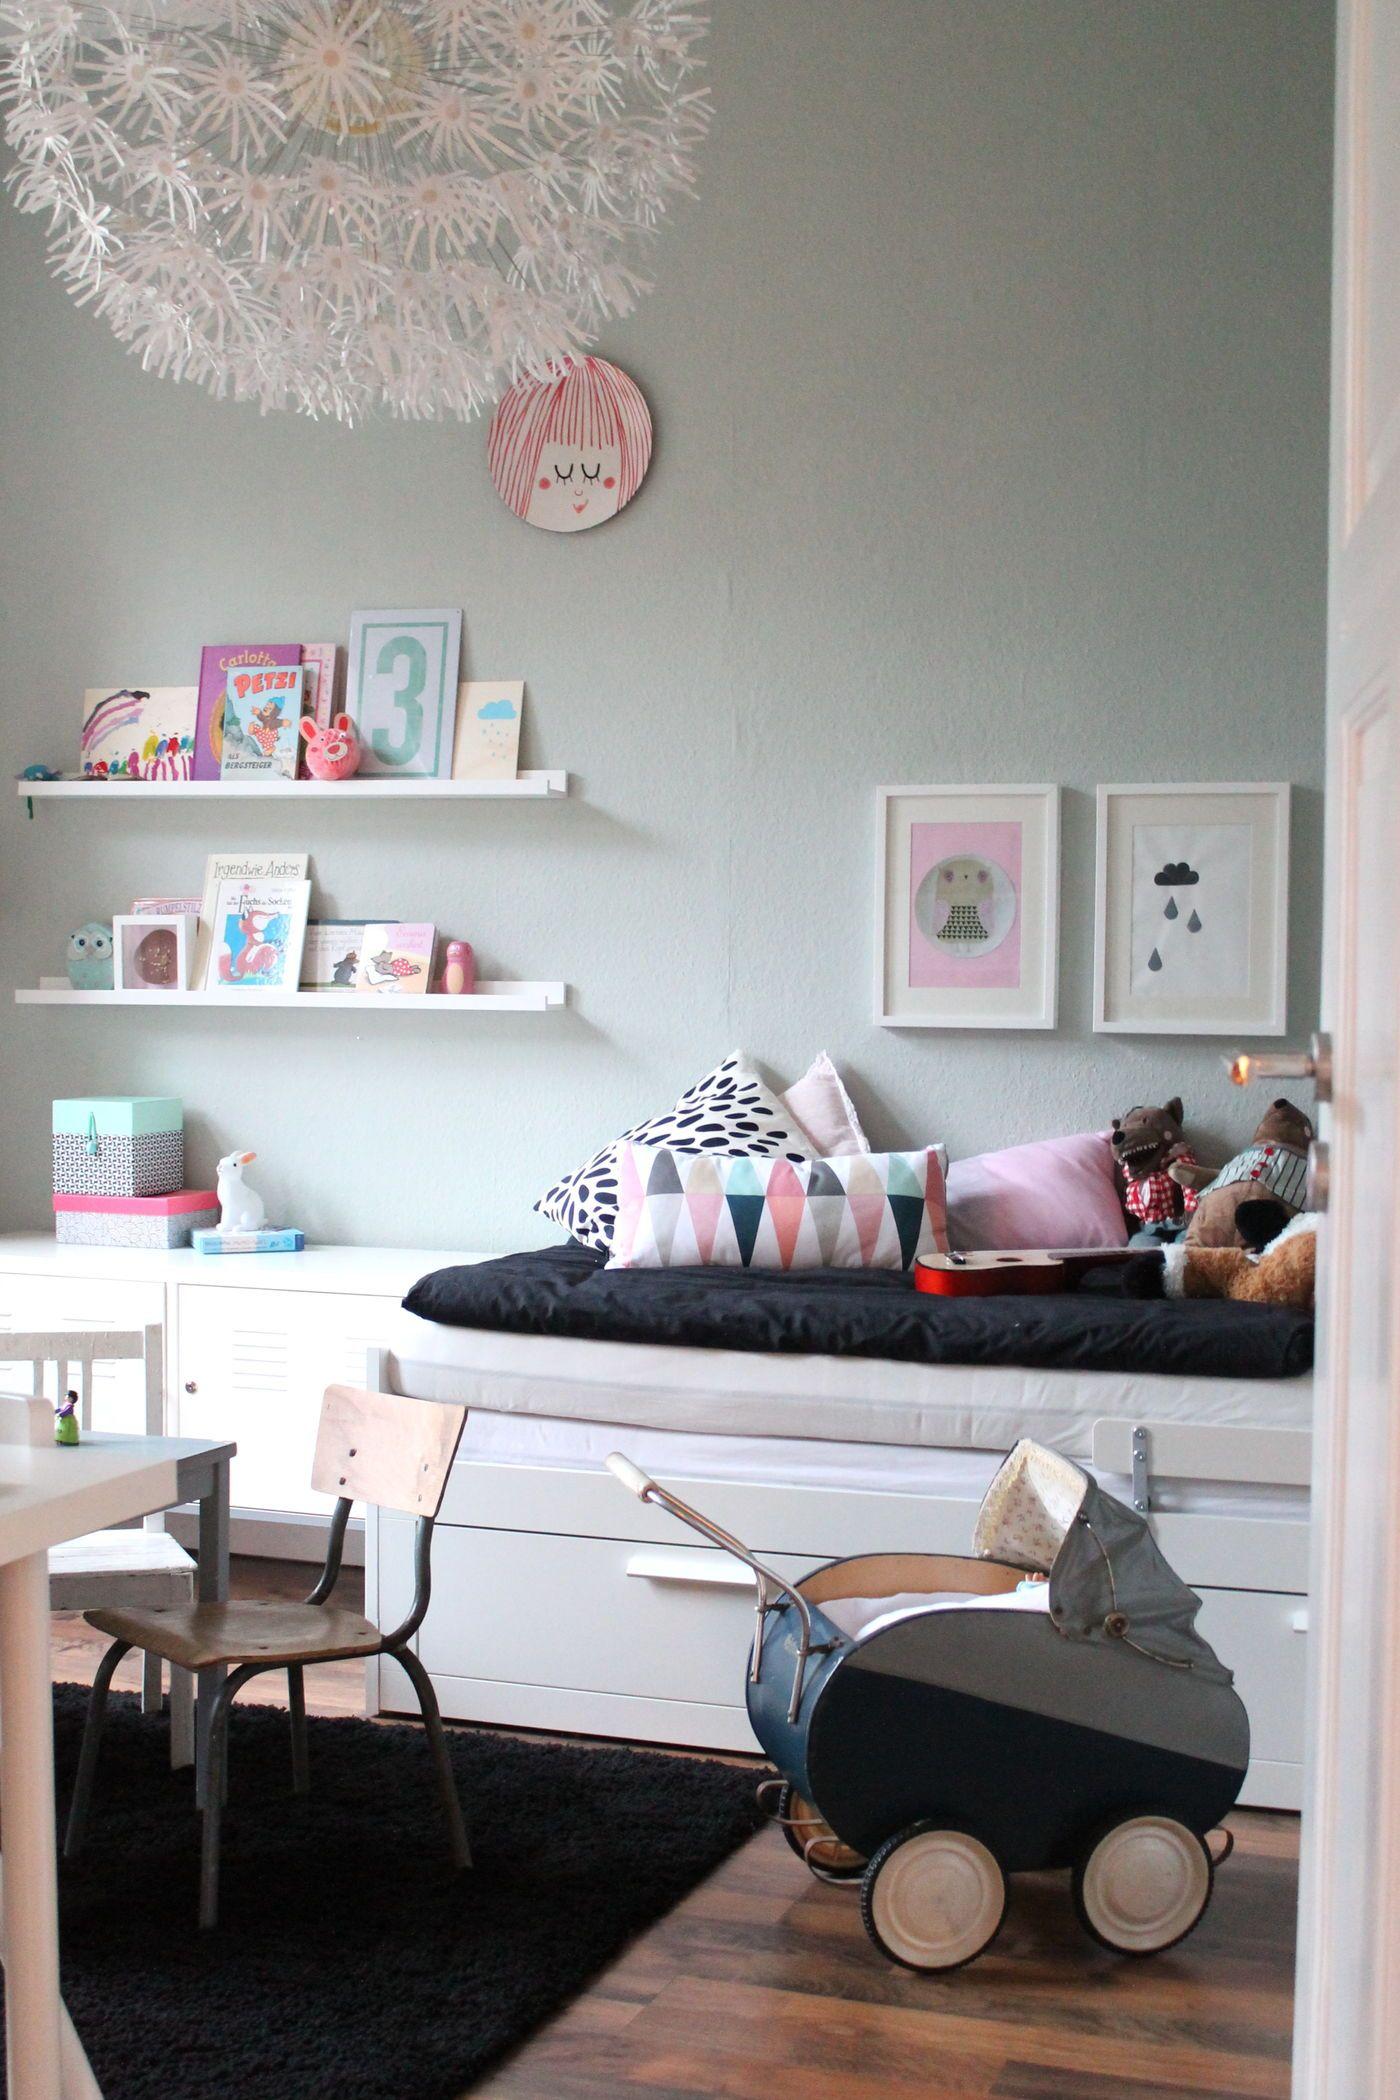 Full Size of Kinderzimmer Wanddeko Schnsten Ideen Fr Dein Küche Regal Weiß Regale Sofa Kinderzimmer Kinderzimmer Wanddeko